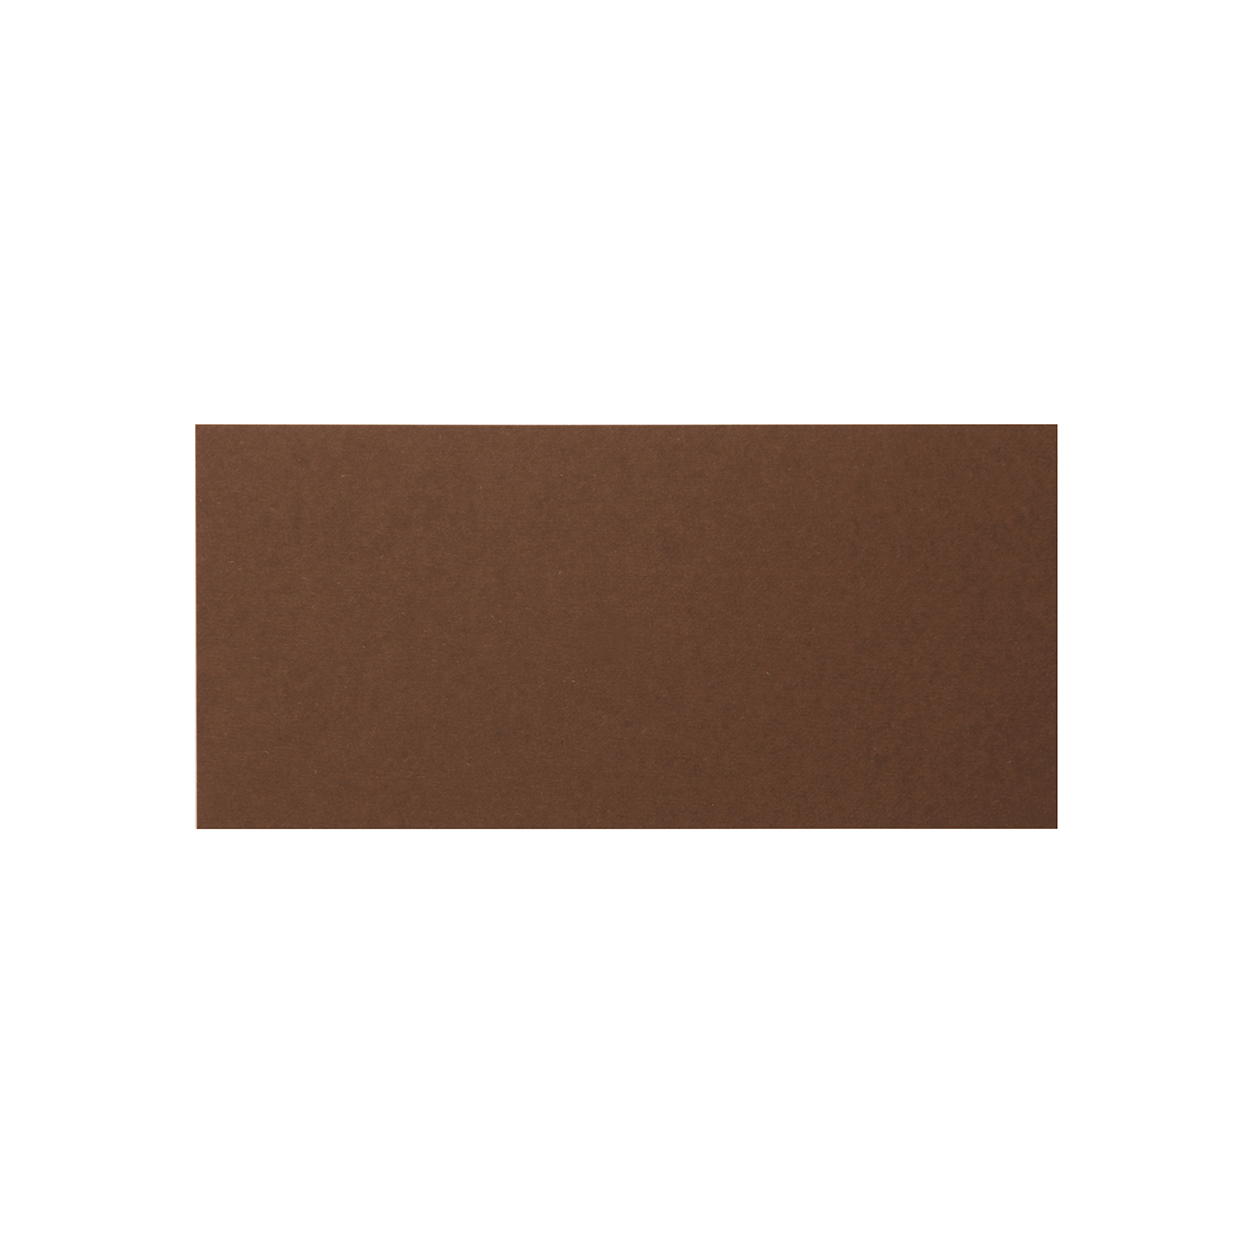 A31カード ボード紙 チョコレート 450g